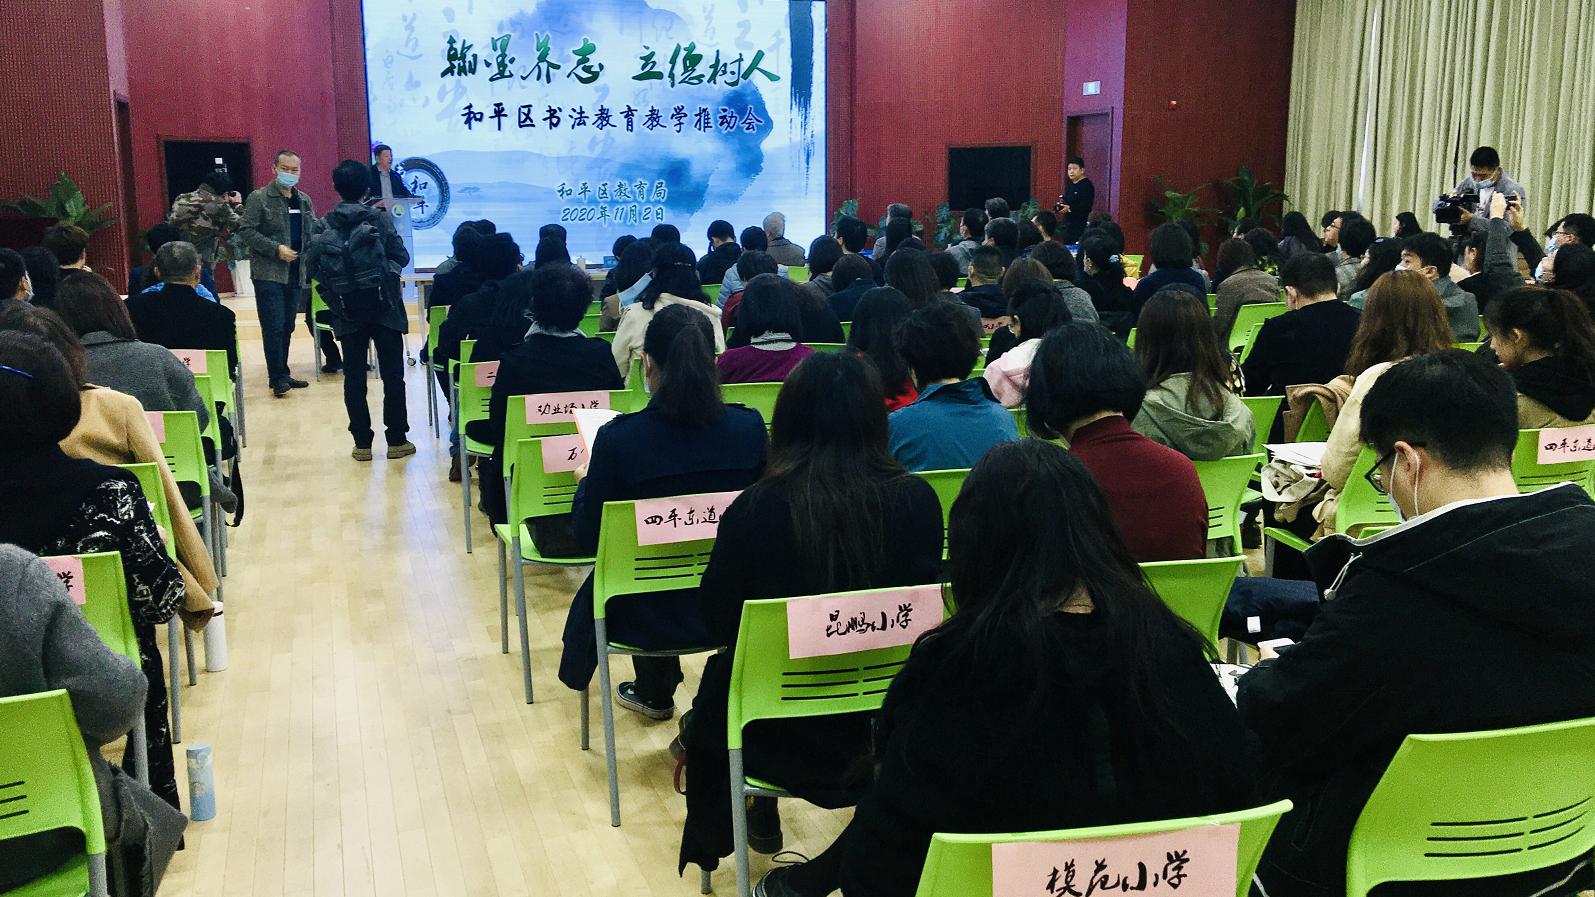 天津和平推动书法教育再上新台阶